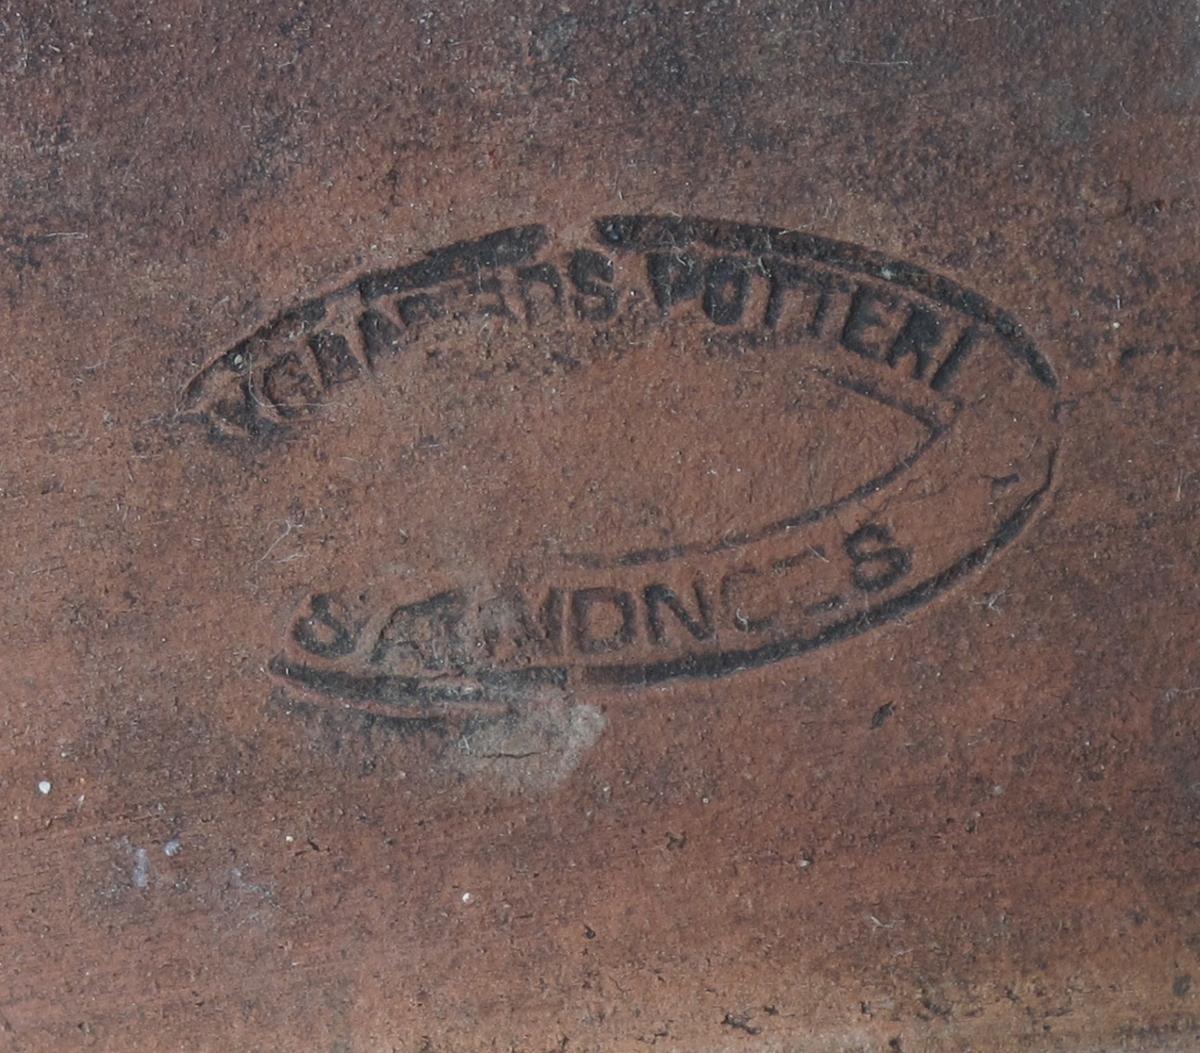 Brennevinskrukke,  Leirtøy, rødbrunt gods, brun blyglassur  med gule ringer. Høy tykkmavet krukke med  2 + 2 + 1 gul ring i øvre halvdel. Smal munning med tykk brem. Stempel: Nygaards Potteri, Sandnes. Stemplet nede ved bunnen, noe utydelig.